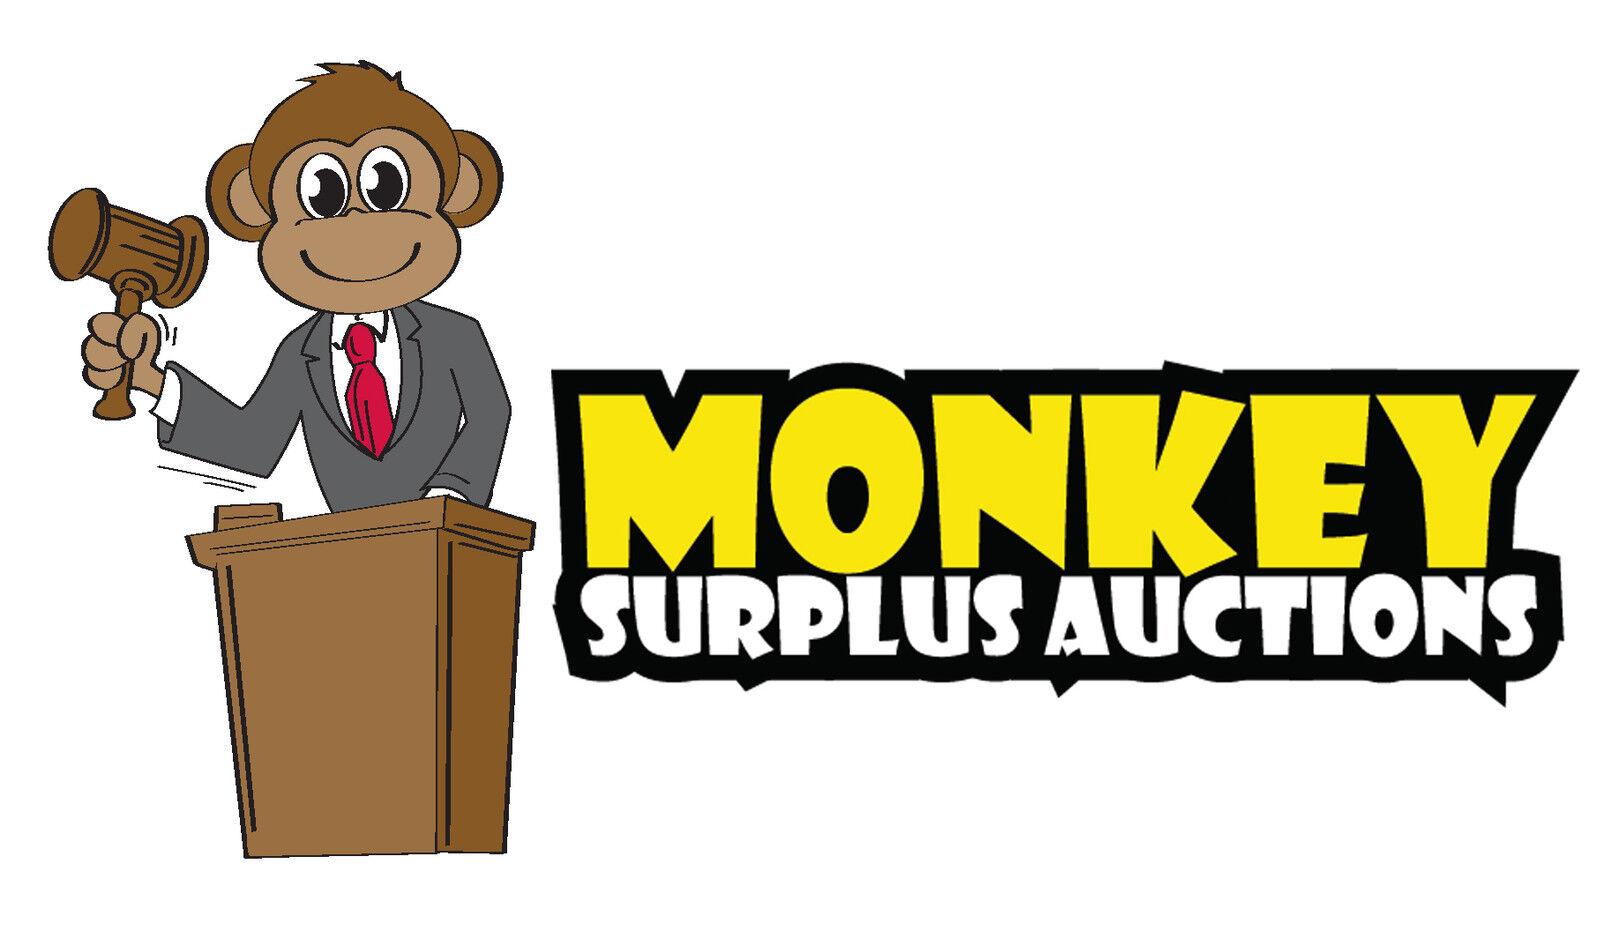 MONKEY SURPLUS AUCTIONS